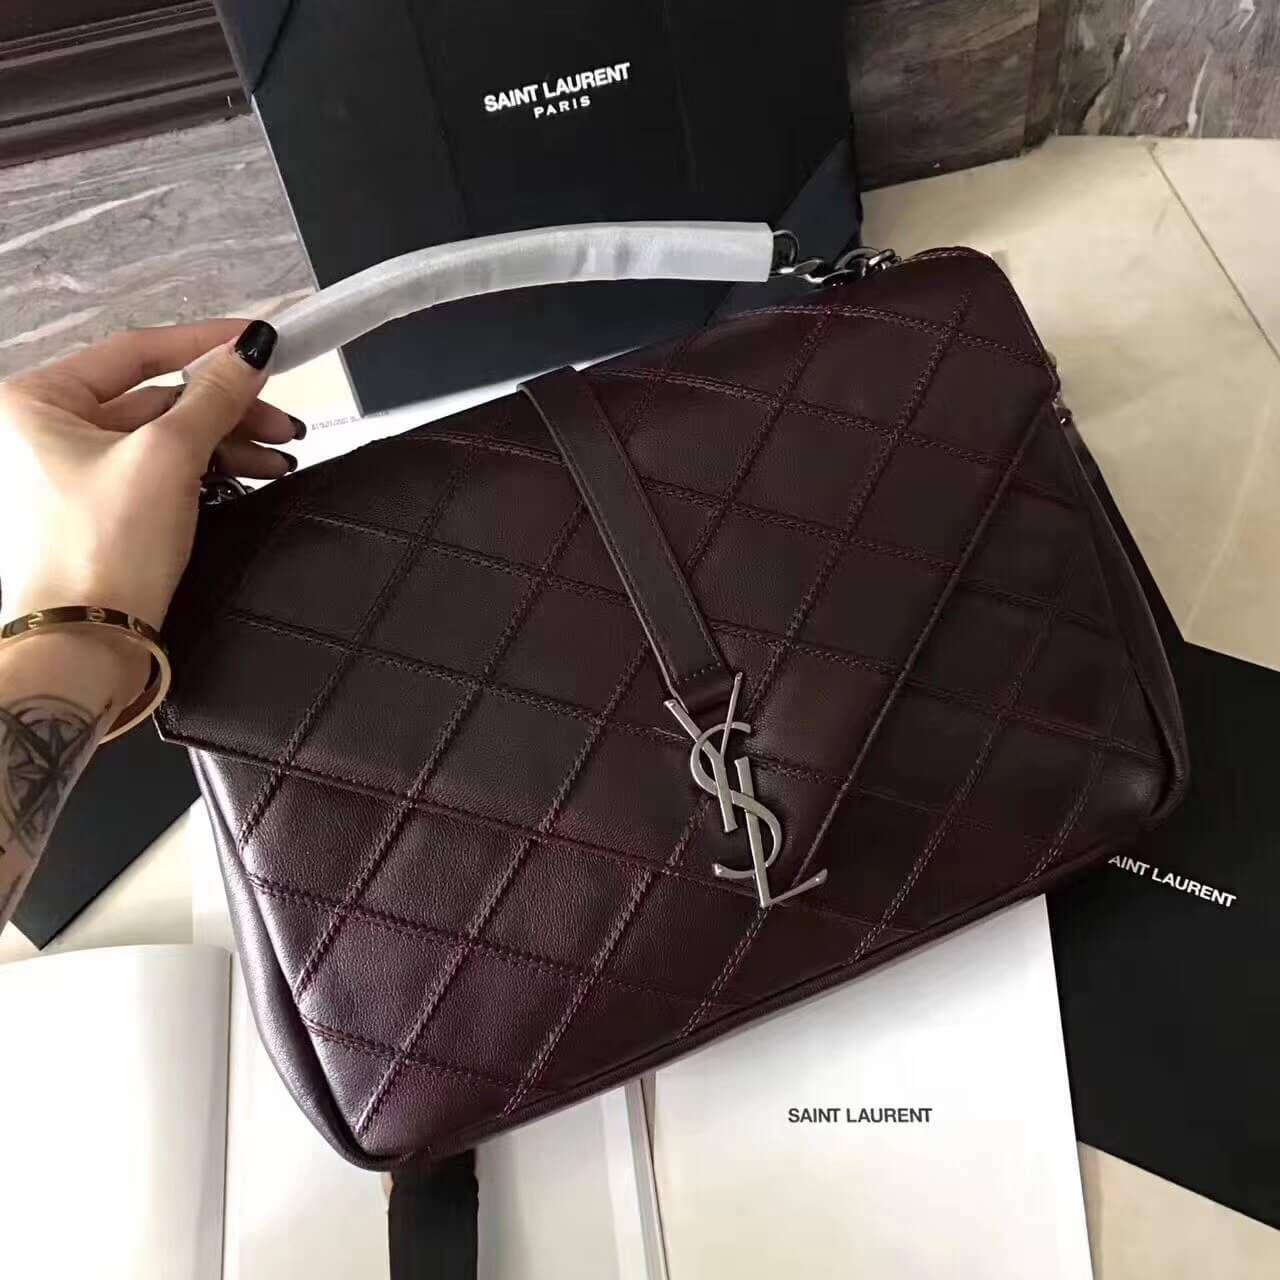 8923c12860 Saint Laurent Classic Large College Bag in Diamond Matelasse Leather 392738  Burgundy 2017